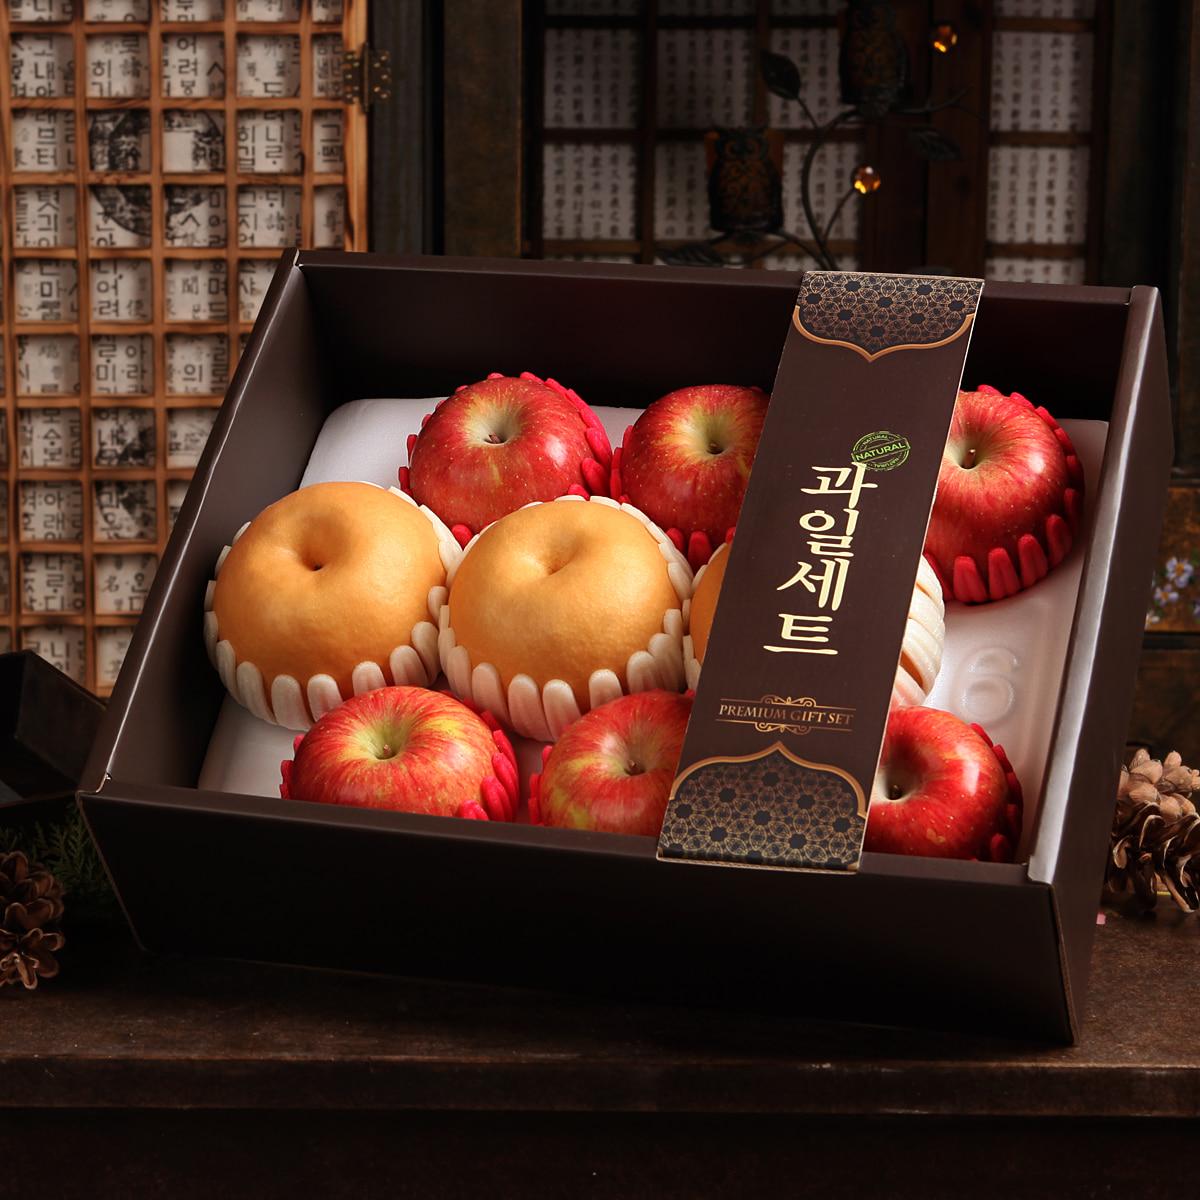 [선물세트] 정다운 한라봉사과혼합세트3kg(사과6개,한라봉4개)이식사